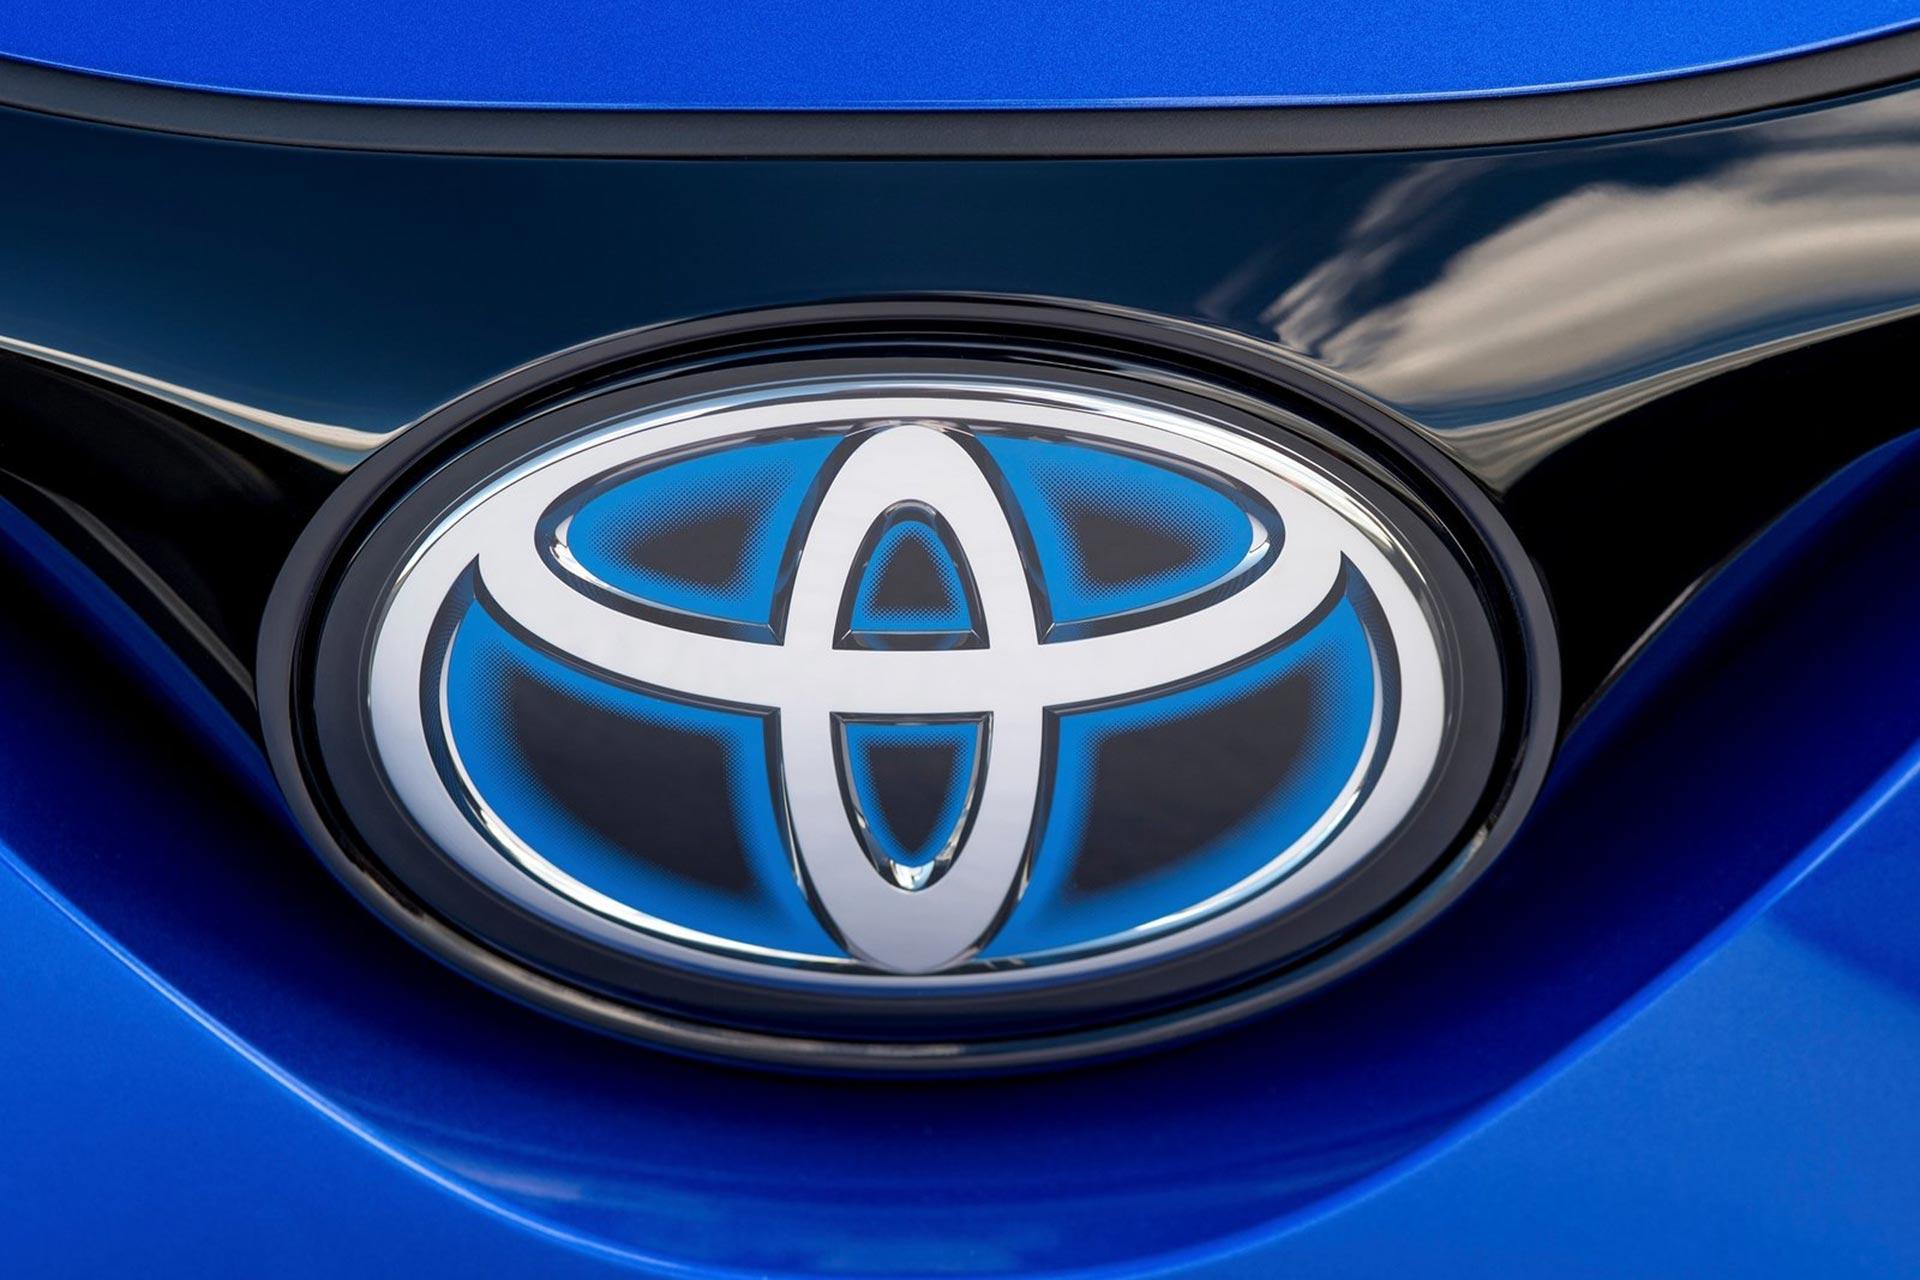 Toyota-C-HR-2017-1600-dd.jpg